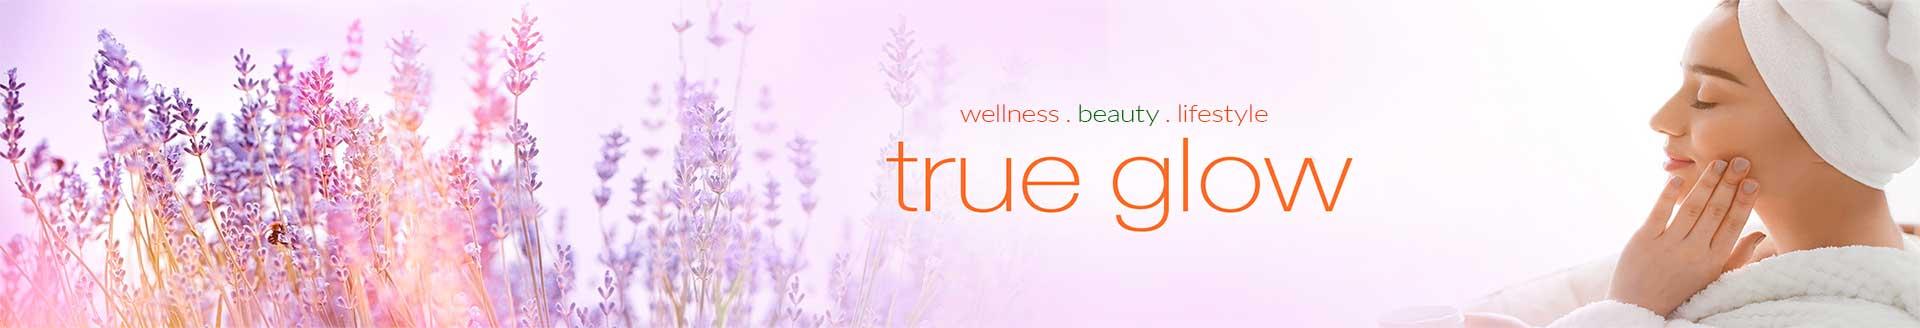 Mashk Wellness